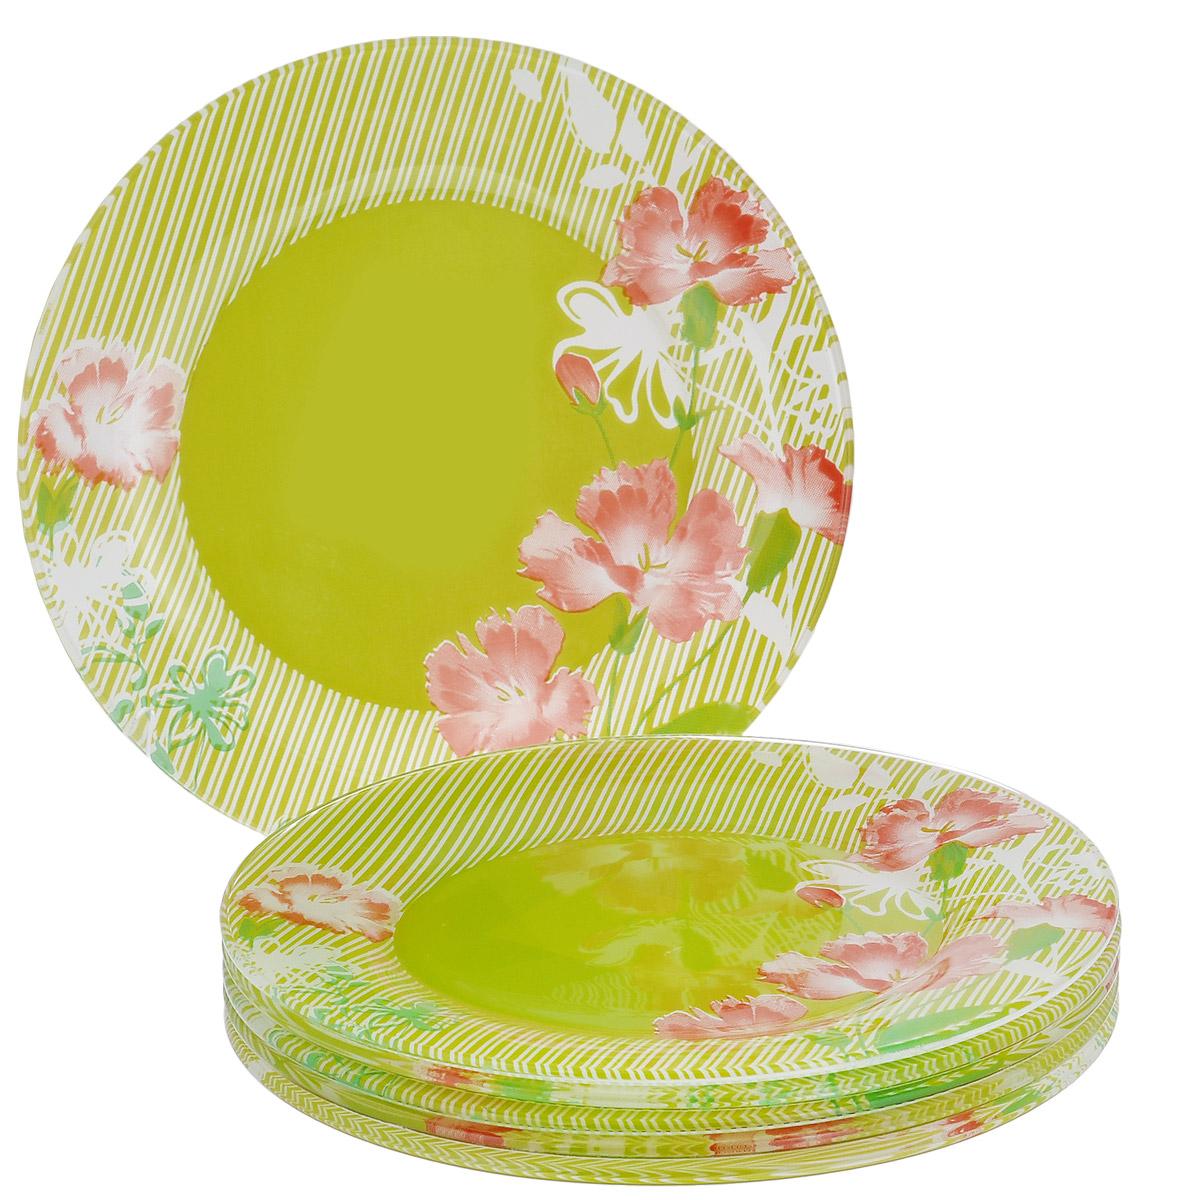 Набор тарелок Цветы, цвет: зеленый, диаметр 17,5 см, 6 шт54 009312Набор тарелок Цветы, выполненный из высококачественного стекла зеленого цвета, состоит из 6 мелких тарелок. Тарелки оформлены изображением цветов. Они сочетают в себе изысканный дизайн с максимальной функциональностью. Оригинальность оформления тарелок придется по вкусу и ценителям классики, и тем, кто предпочитает утонченность и изящность. Набор тарелок послужит отличным подарком к любому празднику.